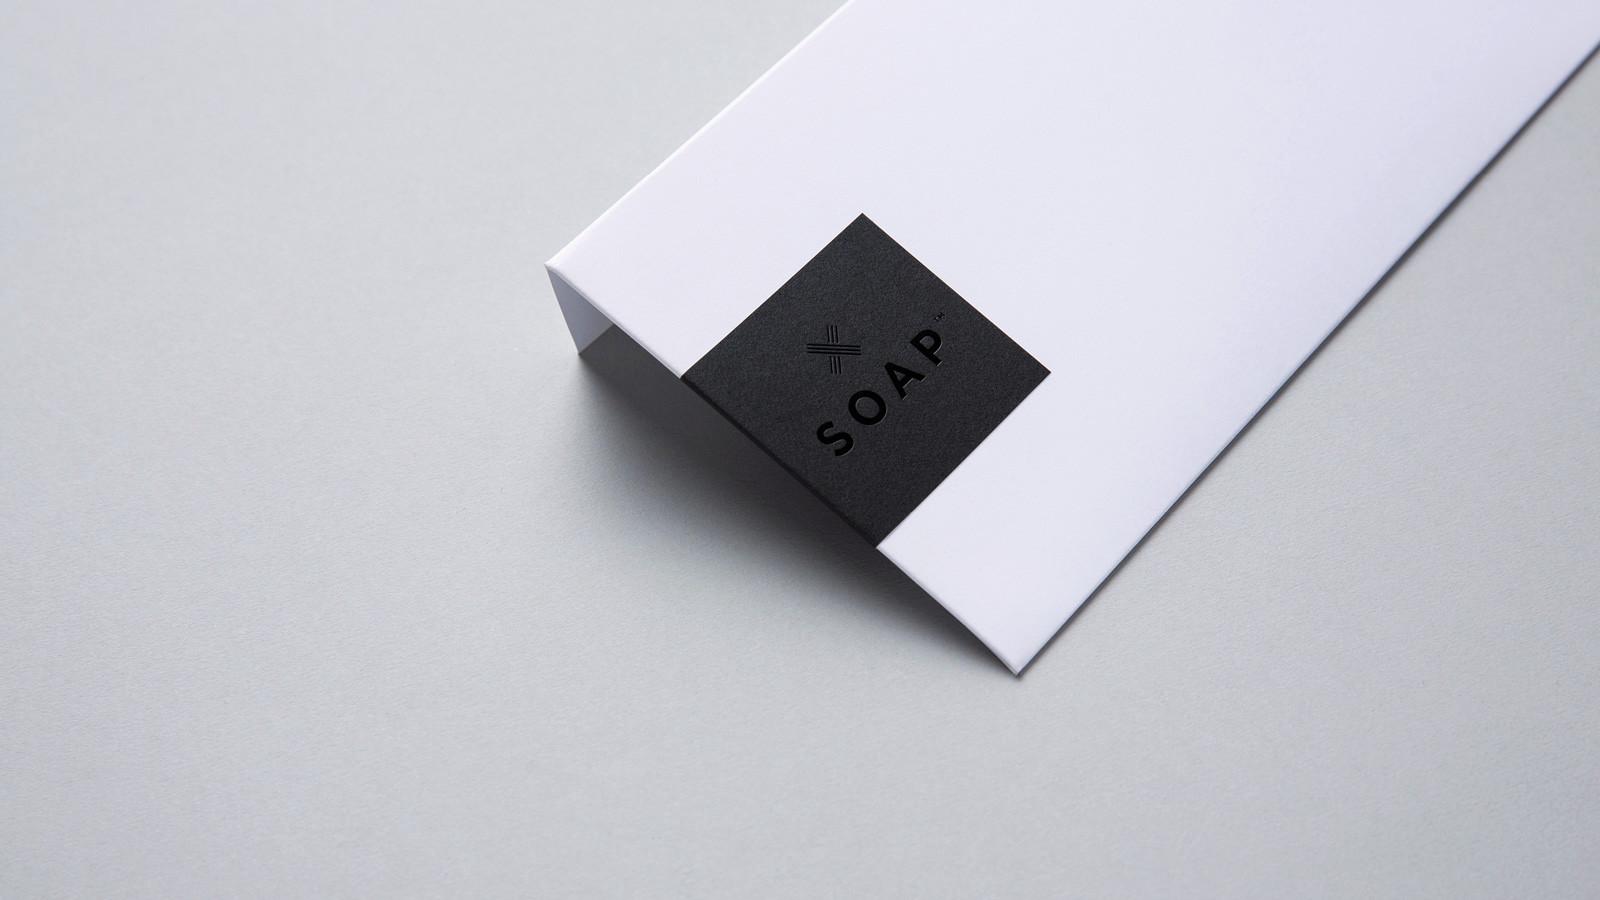 SOAP™ black foil branded sticker on white envelope